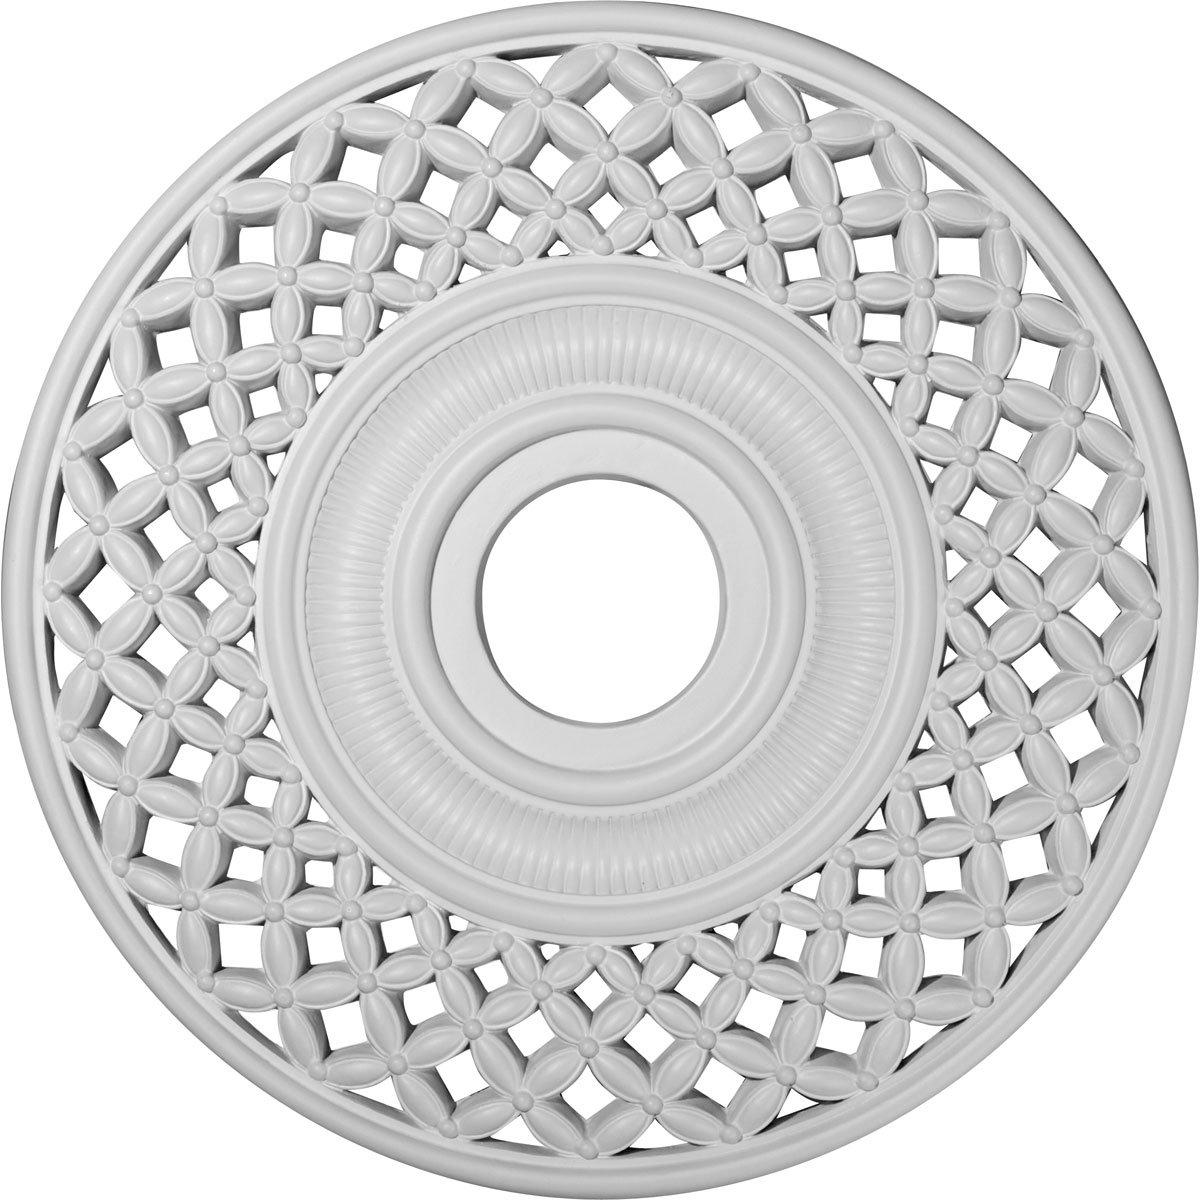 Ekena Millwork CM22RB 22 1/4-Inch OD x 4 3/4-Inch ID Robin Ceiling Medallion